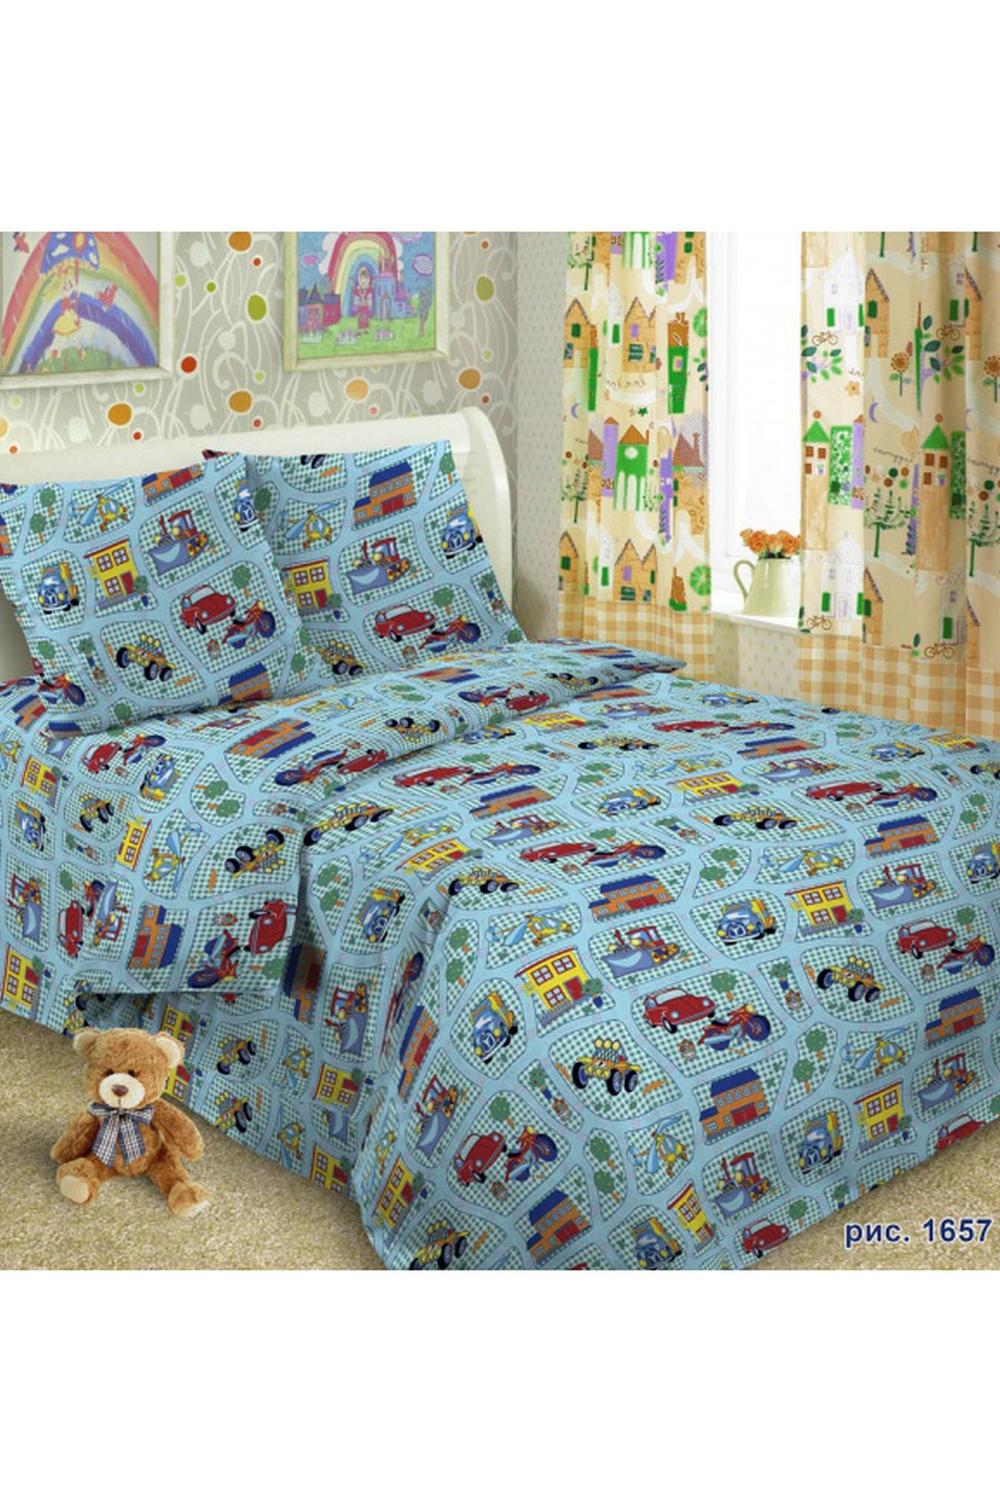 Комплект постельного бельяДля детей<br>Коллекция постельного белья Для детей изготовлена из 100% хлопка. Детское постельное белье - это мир сказки и детских любимых героев, переместившихся из мультфильмов на детскую кровать. Именно у нас, Ваш ребенок найдет самый желанный для себя комплект, который идеально впишется в интерьер детской комнаты. Все комплекты обладают повышенной износостойкостью. Даже после многих-многих стирок продолжают радовать своими яркими цветами.   Обращаем Ваше внимание на то, что расположение рисунка на комплекте не всегда полностью совпадает с рисунком на картинке Данное несоответствие не расценивается как брак или некондиция.  В изделии использованы цвета: голубой, желтый и др.  Комплект полутораспального гарнитура: Пододеяльник 150х215 - 1шт. Простынь 150х215 - 1шт. Наволочка 70х70 - 1шт.  Комплект гарнитура Ясли: Пододеяльник: 147*110 см 1 штука Простыня: 150*100 см 1 штука Наволочка: 60*60 см 1 штука<br><br>По комплектации: Наволочка 1 шт.,Пододеяльник 1 шт.,Простынь 1 шт.<br>По материалу: Поплин,Хлопок<br>По размеру: Полутороспальные<br>По рисунку: С принтом,Цветные<br>По способу закрывания: В нахлест<br>Размер : 1,5<br>Материал: Поплин б/шва 100% хлопок<br>Количество в наличии: 1